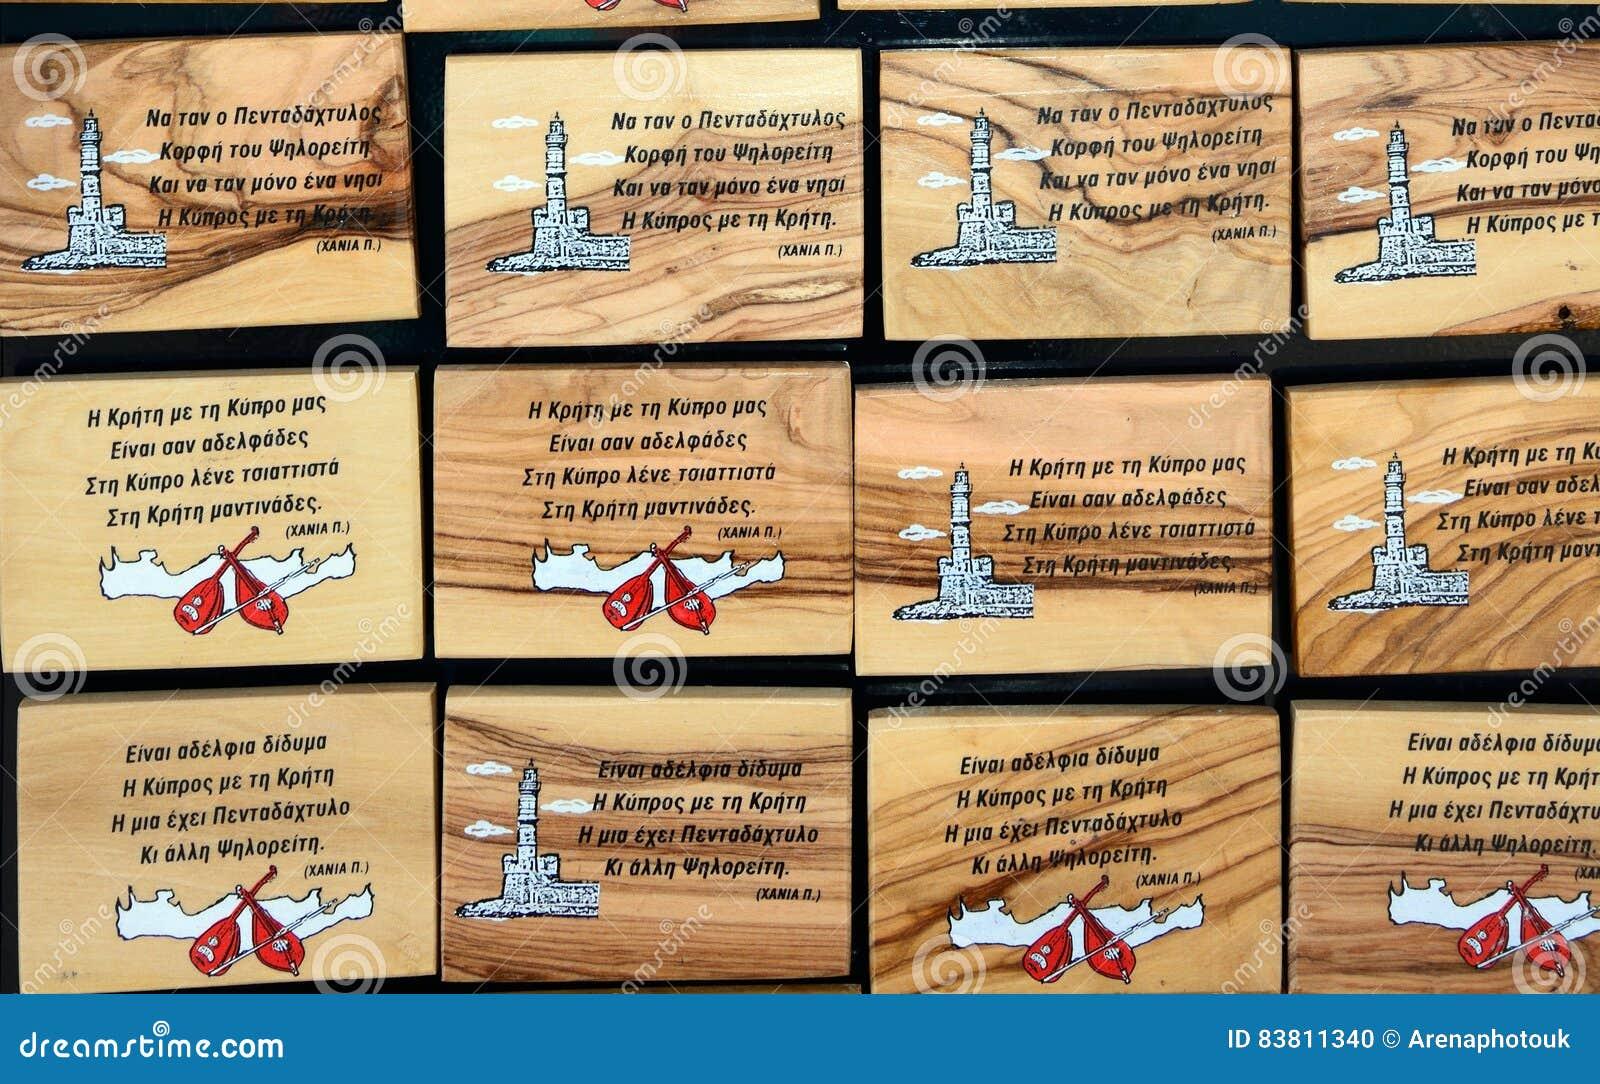 Kühlschrankmagneten : Kretische kühlschrankmagneten chania redaktionelles bild